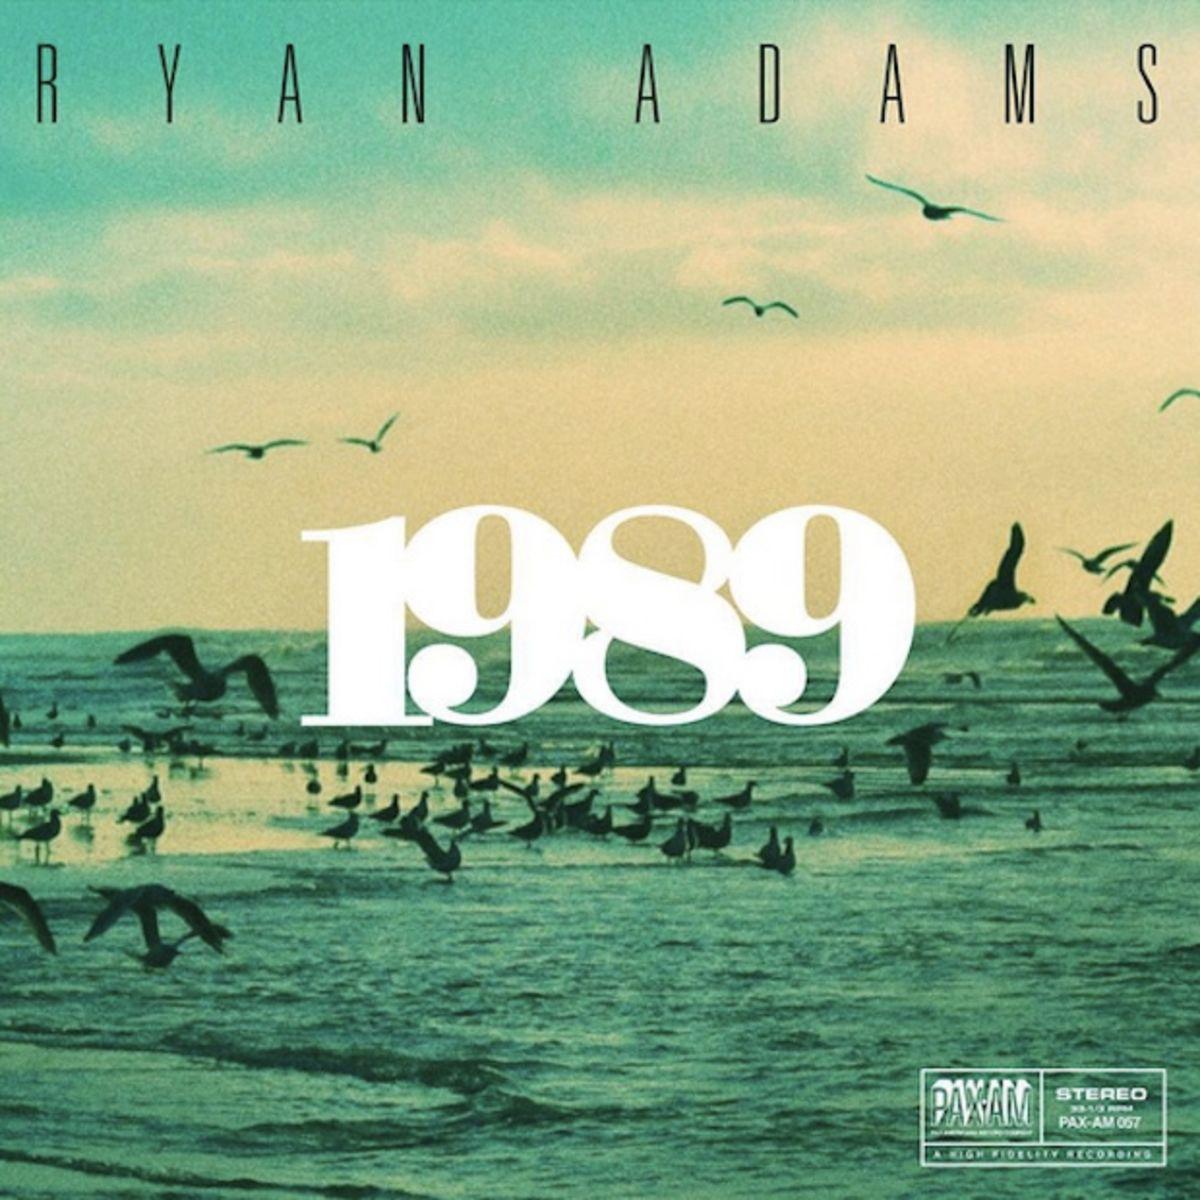 1989   Ryan Adams